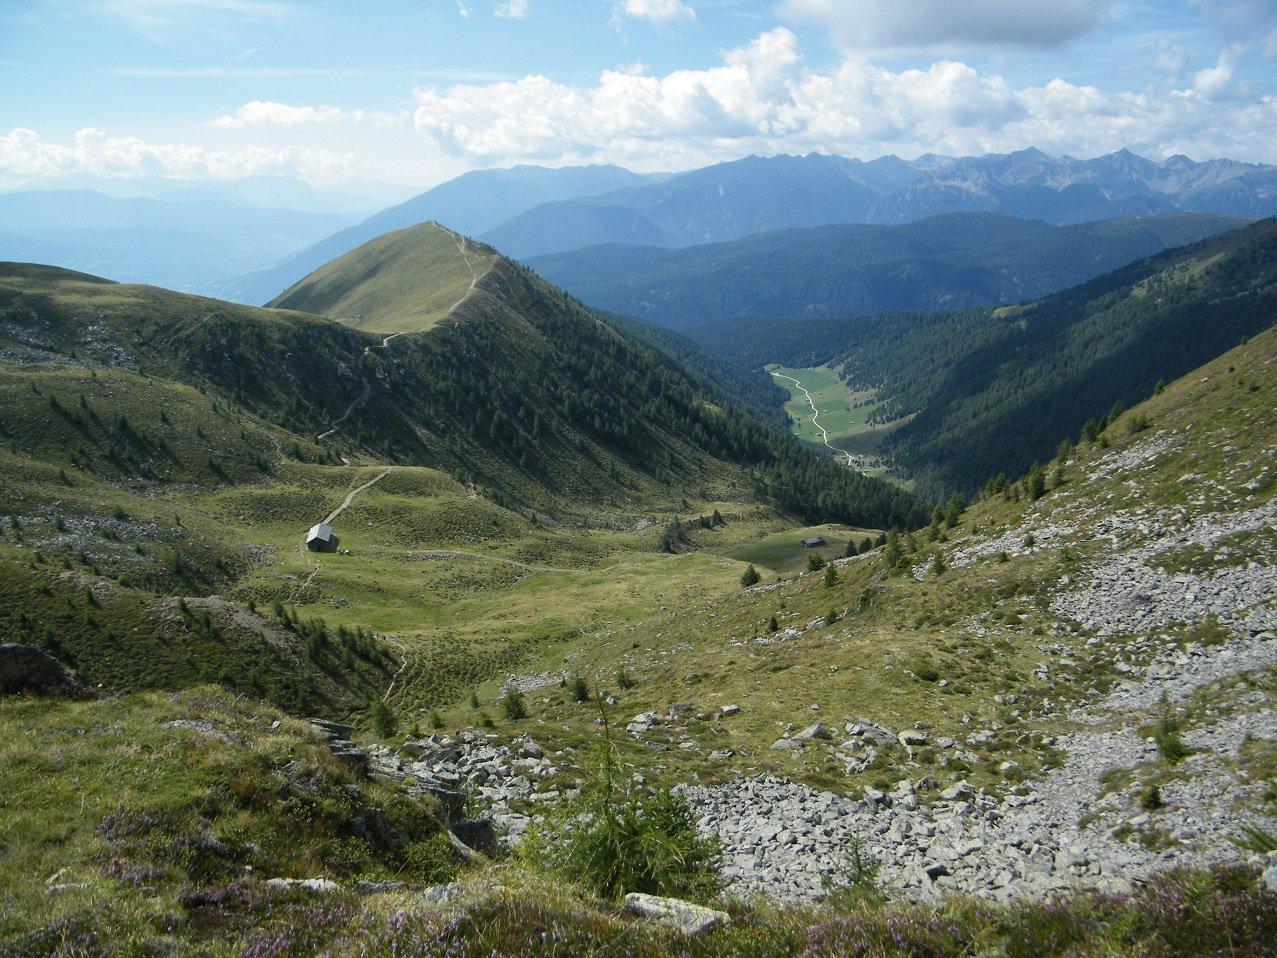 Da poco sotto il Falzarer Joch: al centro il Kleingitsch e a destra la parte bassa della Val di Altafossa.